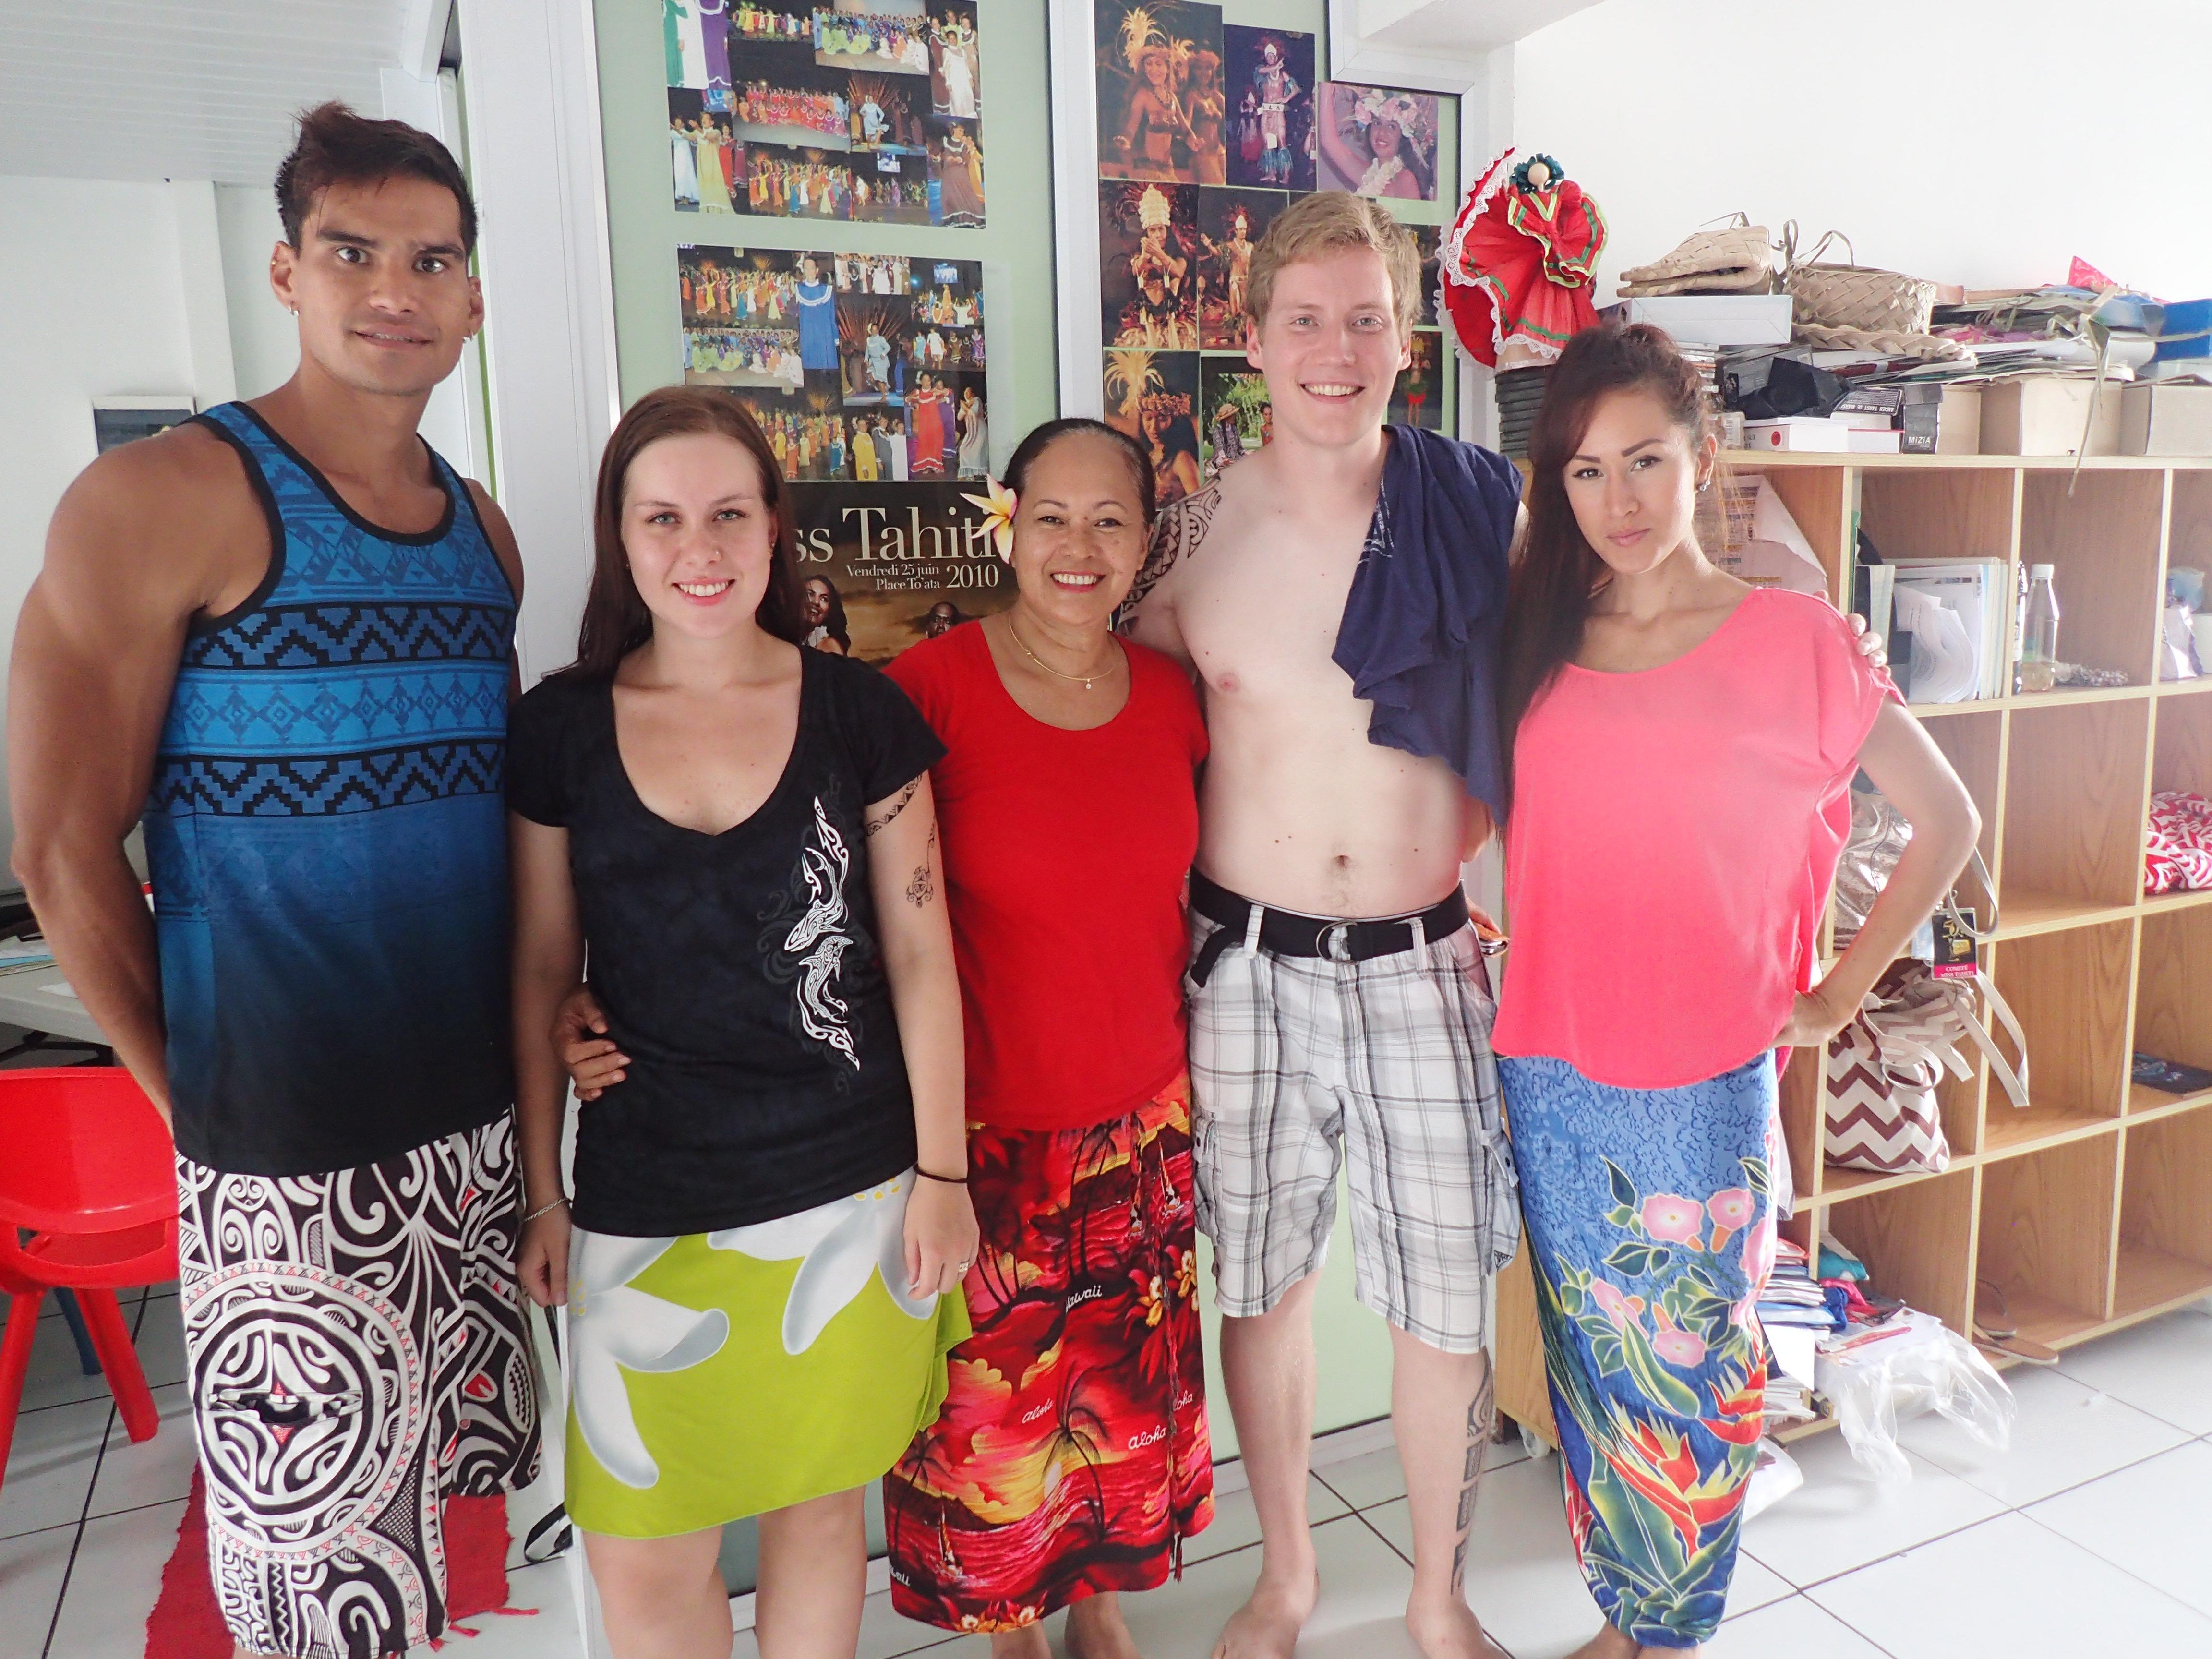 Me ja opettajamme Tahaki, Makau ja Kohai